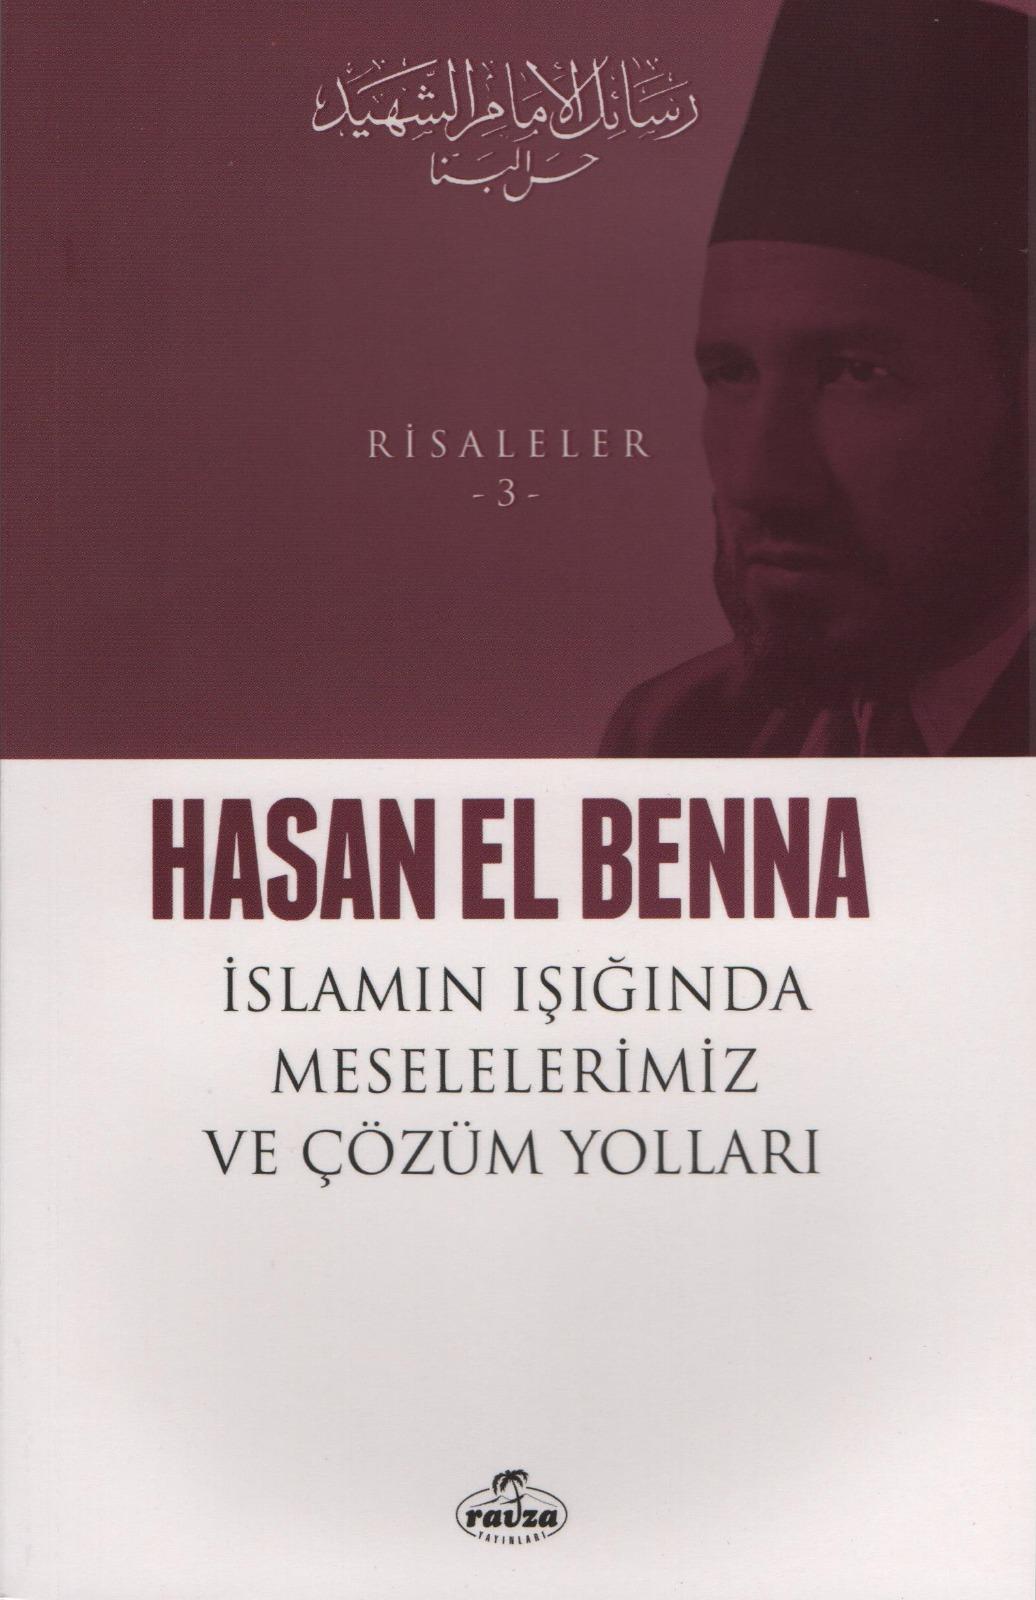 İslam Işığında Meselelerimiz ve Çözüm Yolları / Risaleler 3